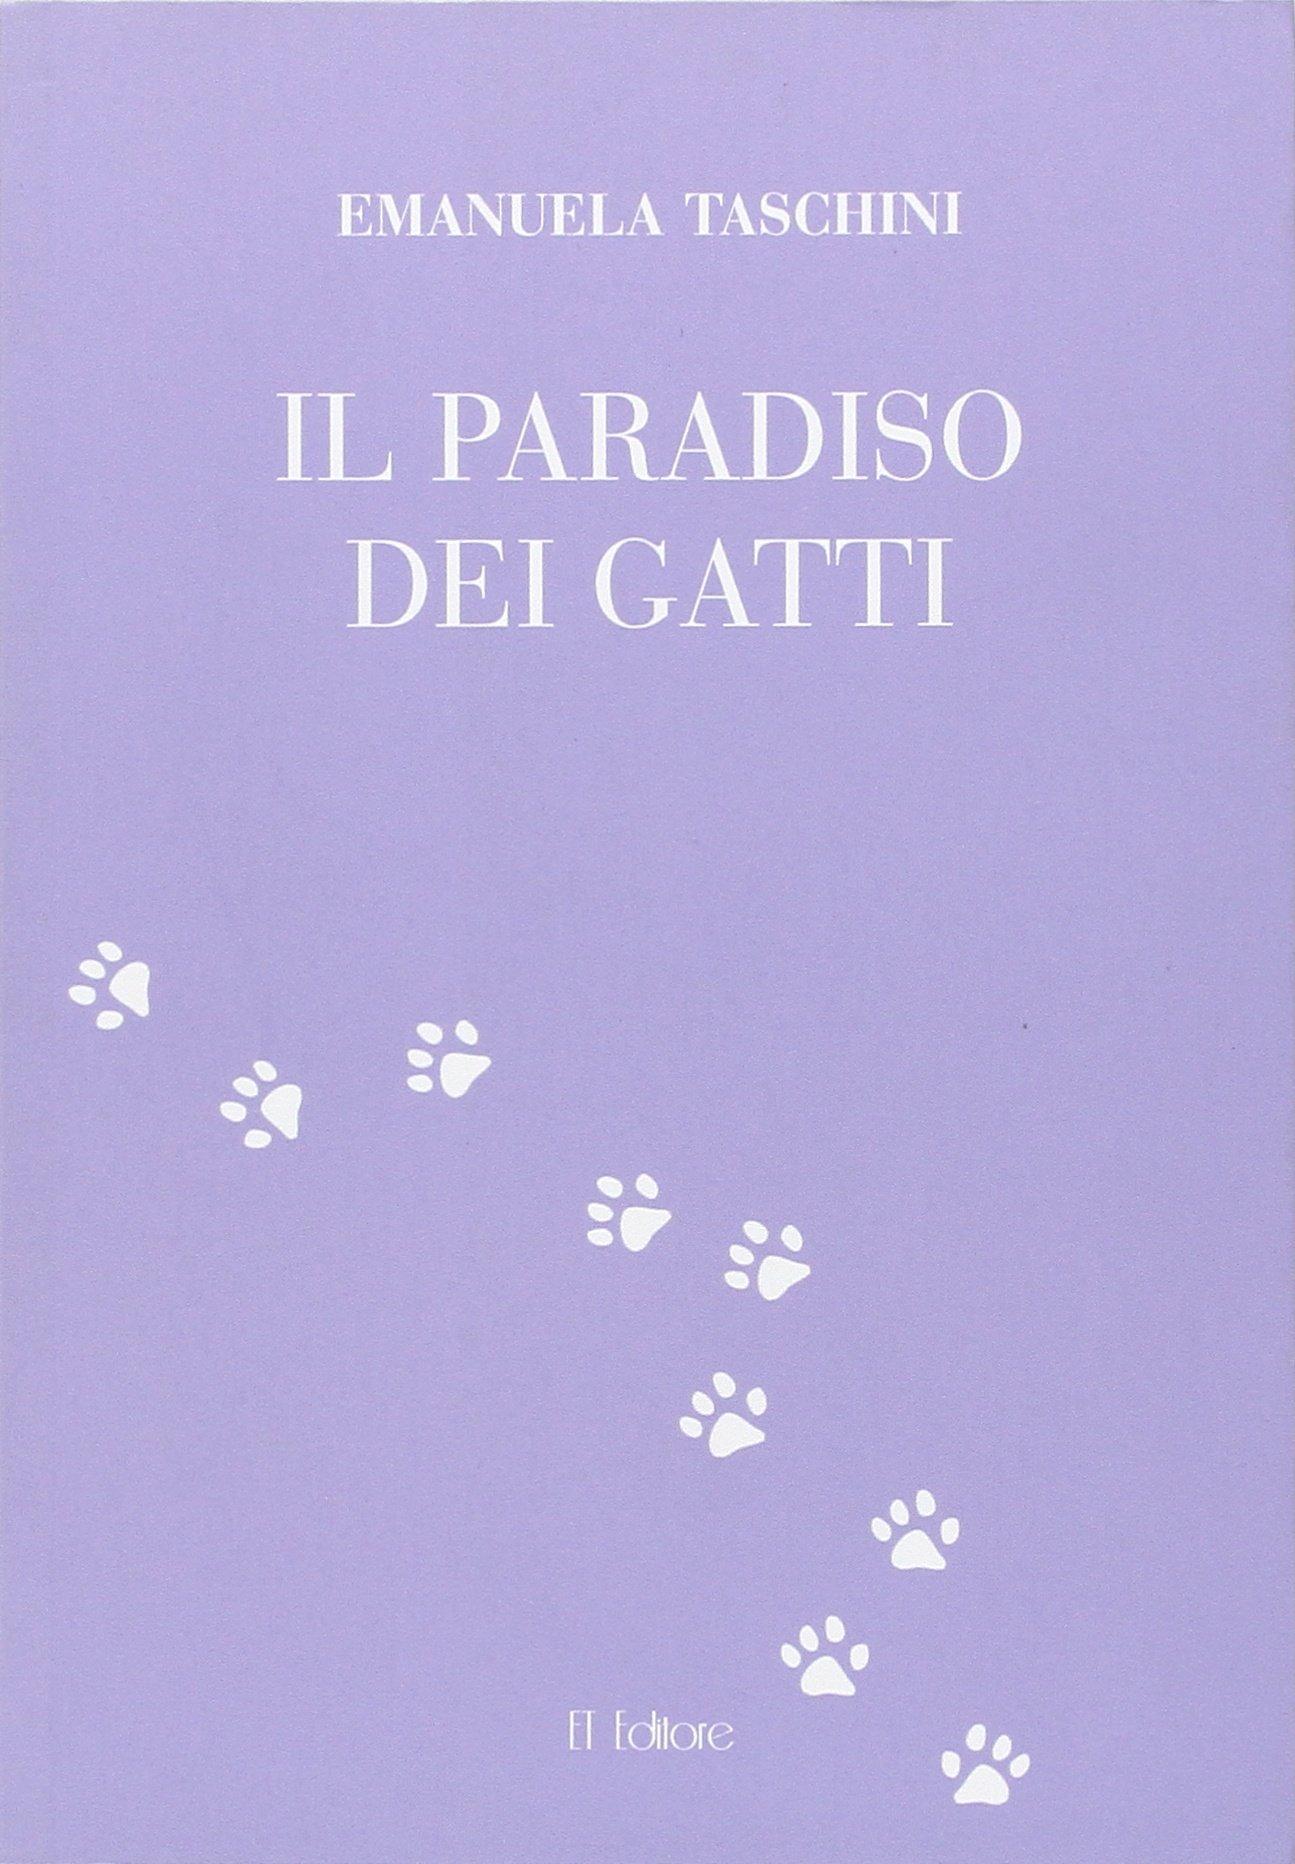 Il paradiso dei gatti